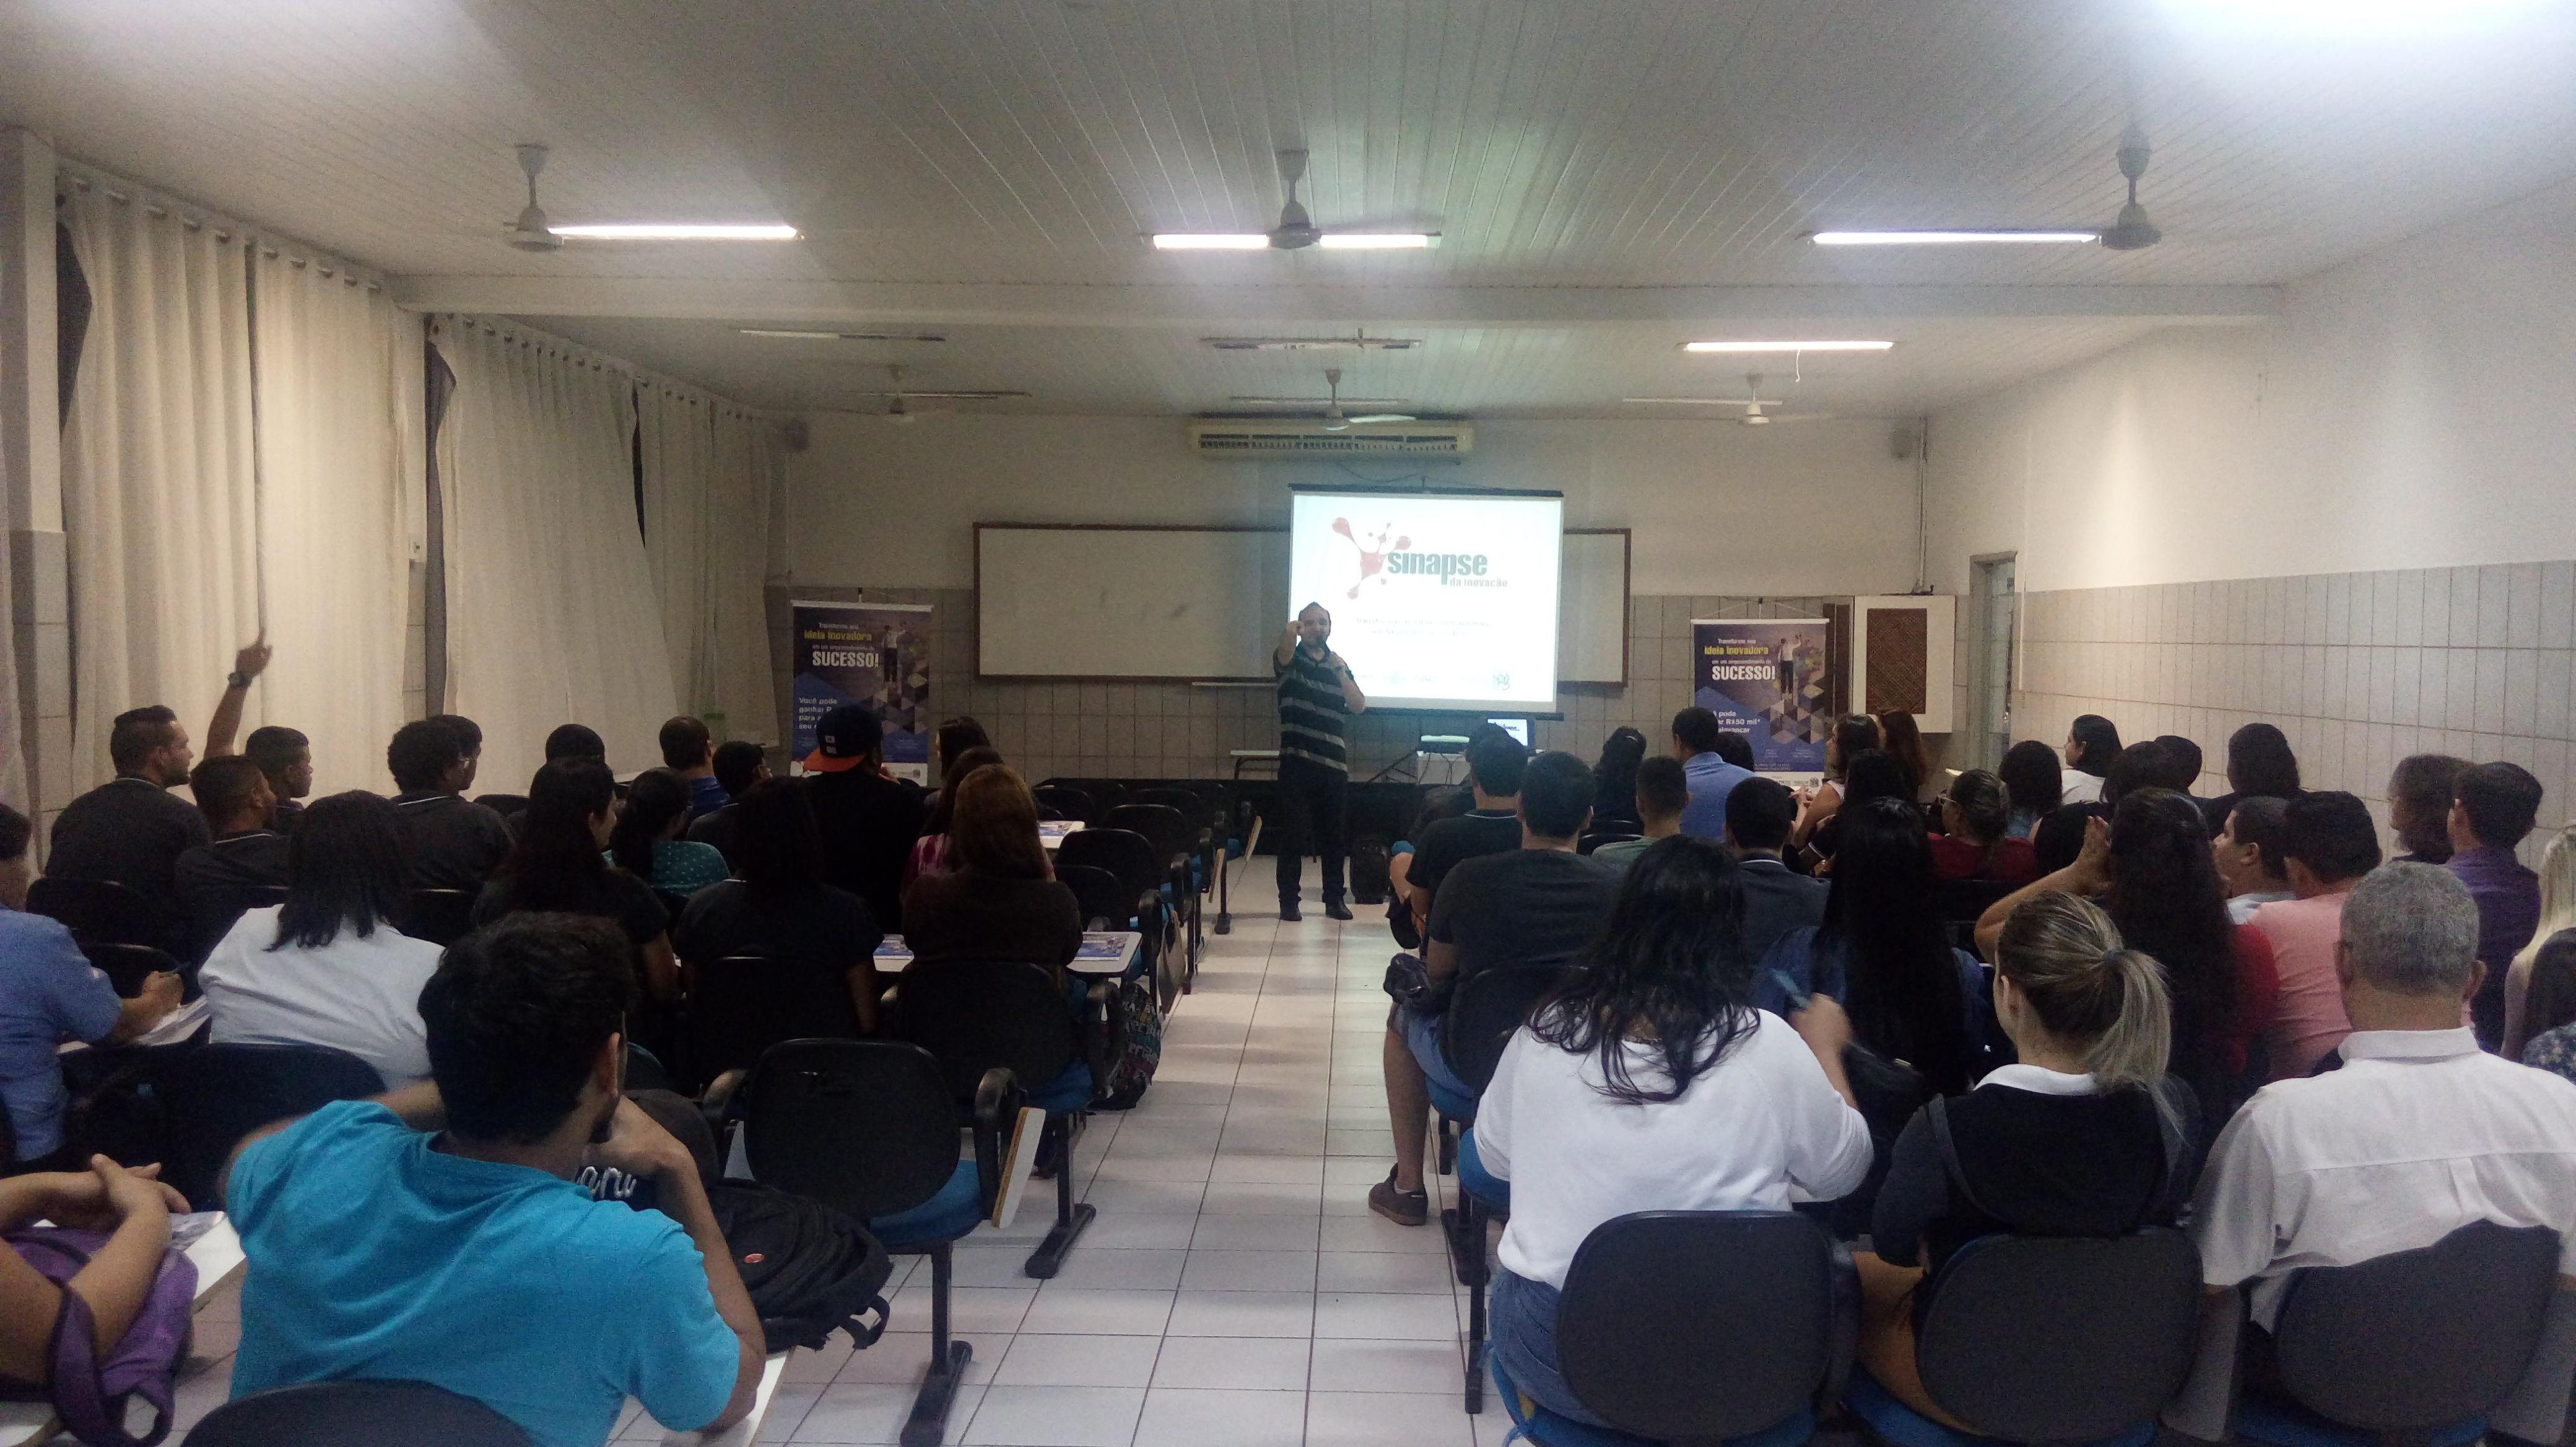 Palestra do programa Sinapse da Inovação – ES acontece em Vila Velha